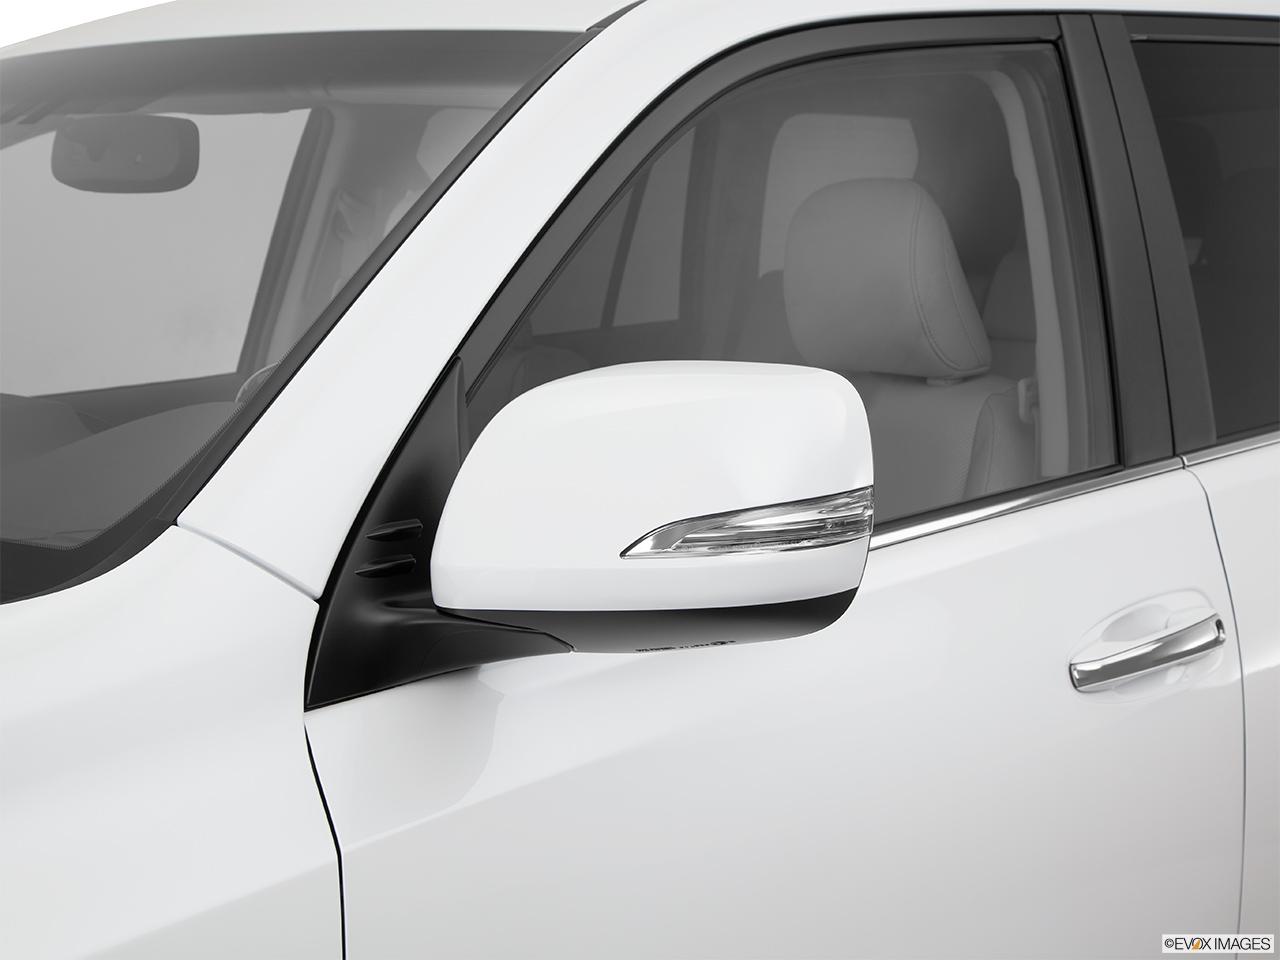 2014 Lexus Gx 460 4wd Driver S Side Mirror Rear